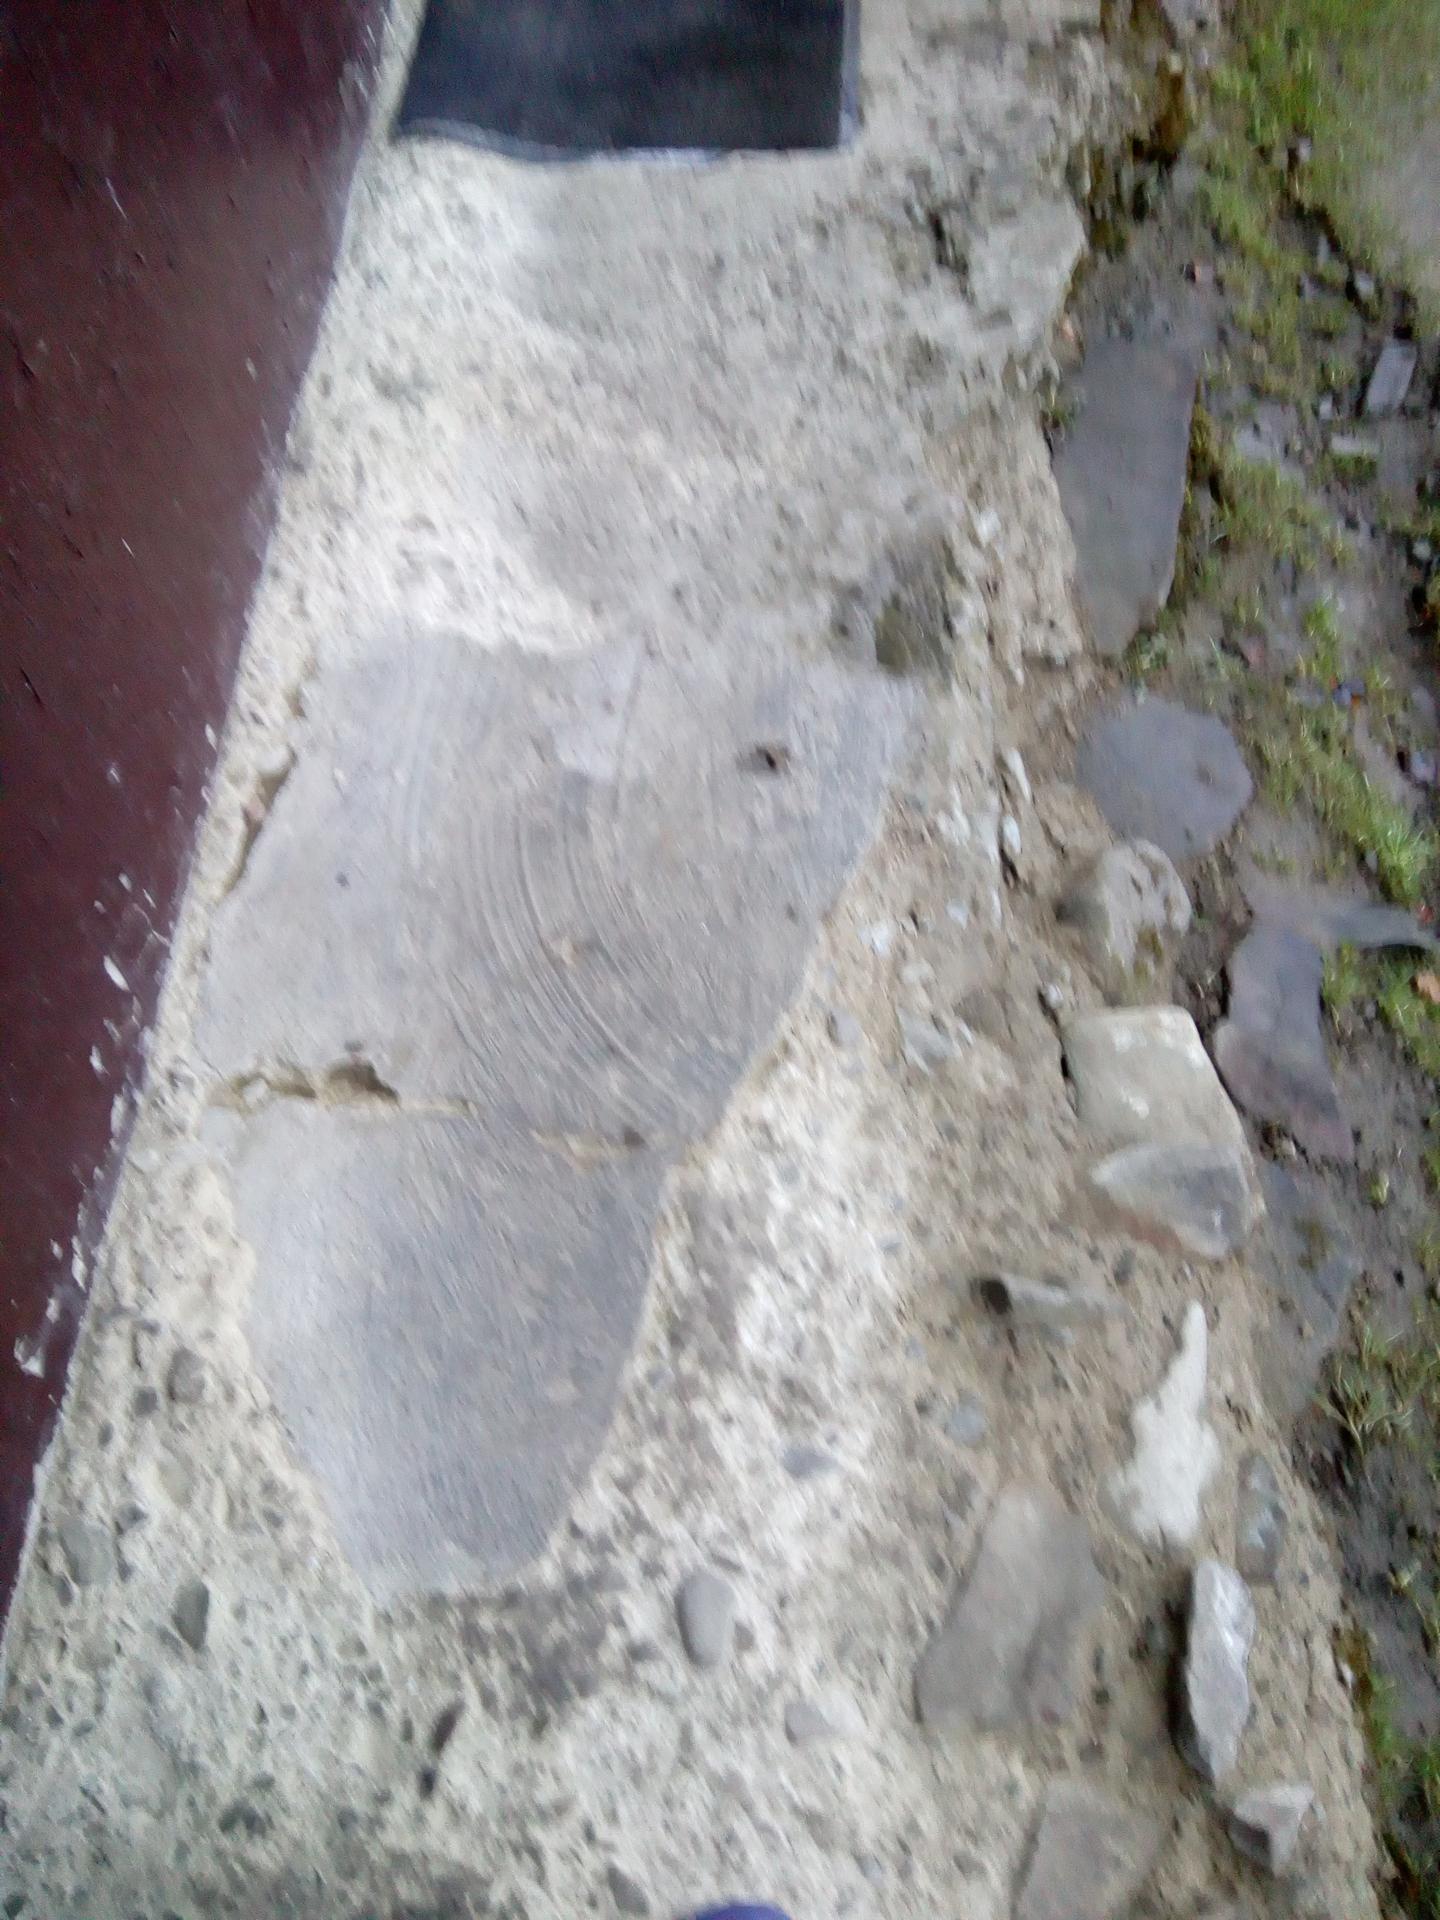 Kto mi vie poradiť ako opraviť starý chodník čo naňho treba alebo ho treba radšej rozbiť a urobiť nový chceli by sme naňho dat take daco ako kameny koberec ale je to v kockách ale ako stym starým chodníkom poraďte kto vie ďakujem - Obrázok č. 1